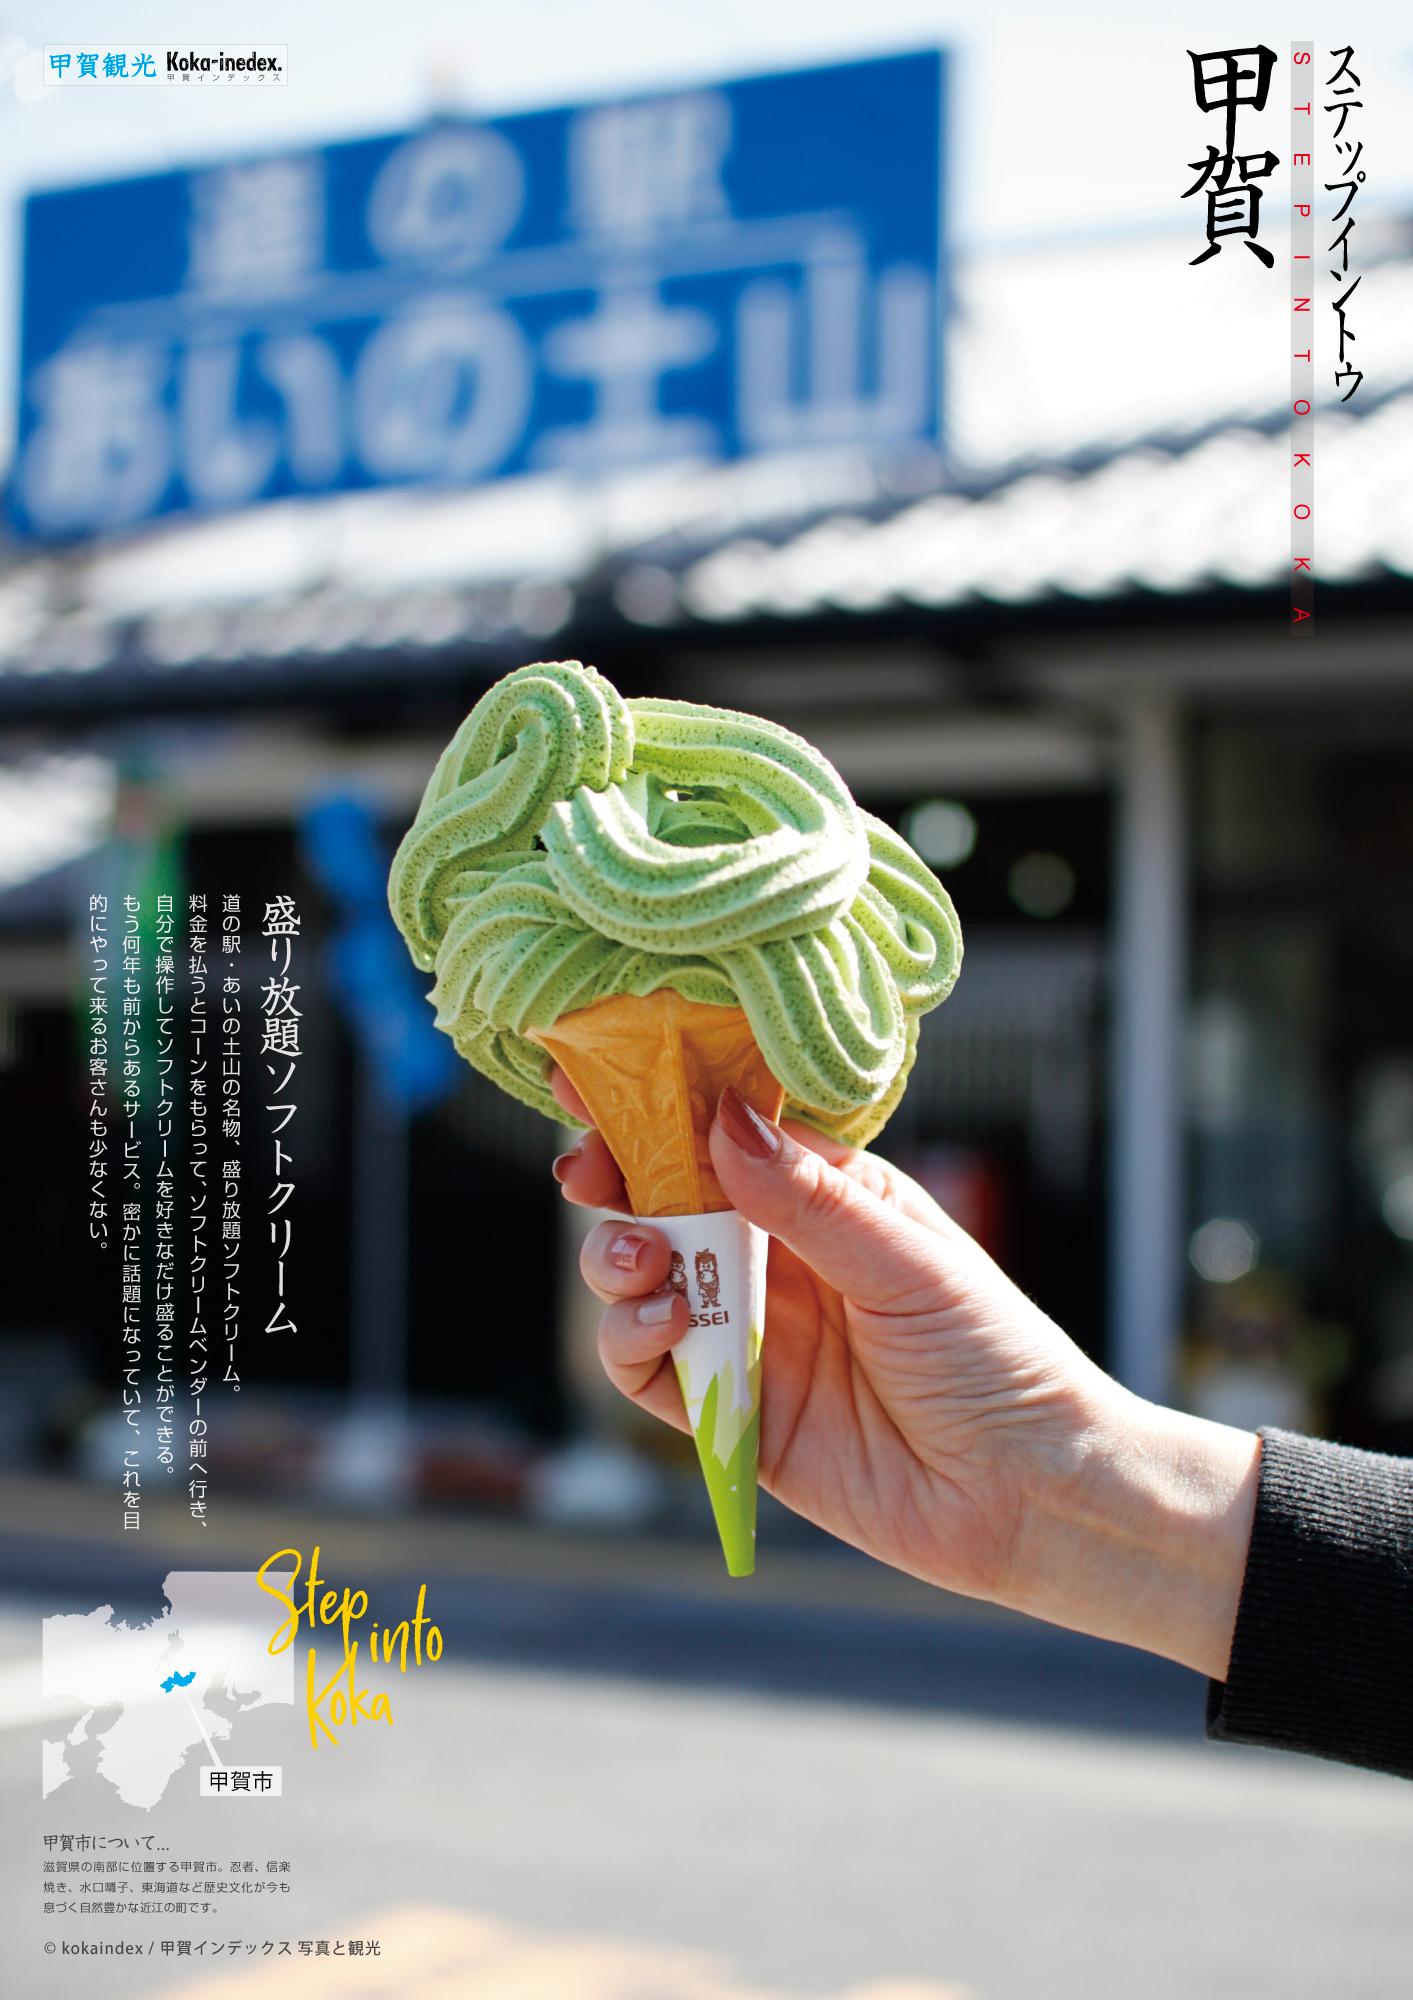 盛り放題抹茶 ソフトクリームを食べに、道の駅あいの土山に行ってきた。レポートとアクセス 滋賀県甲賀市